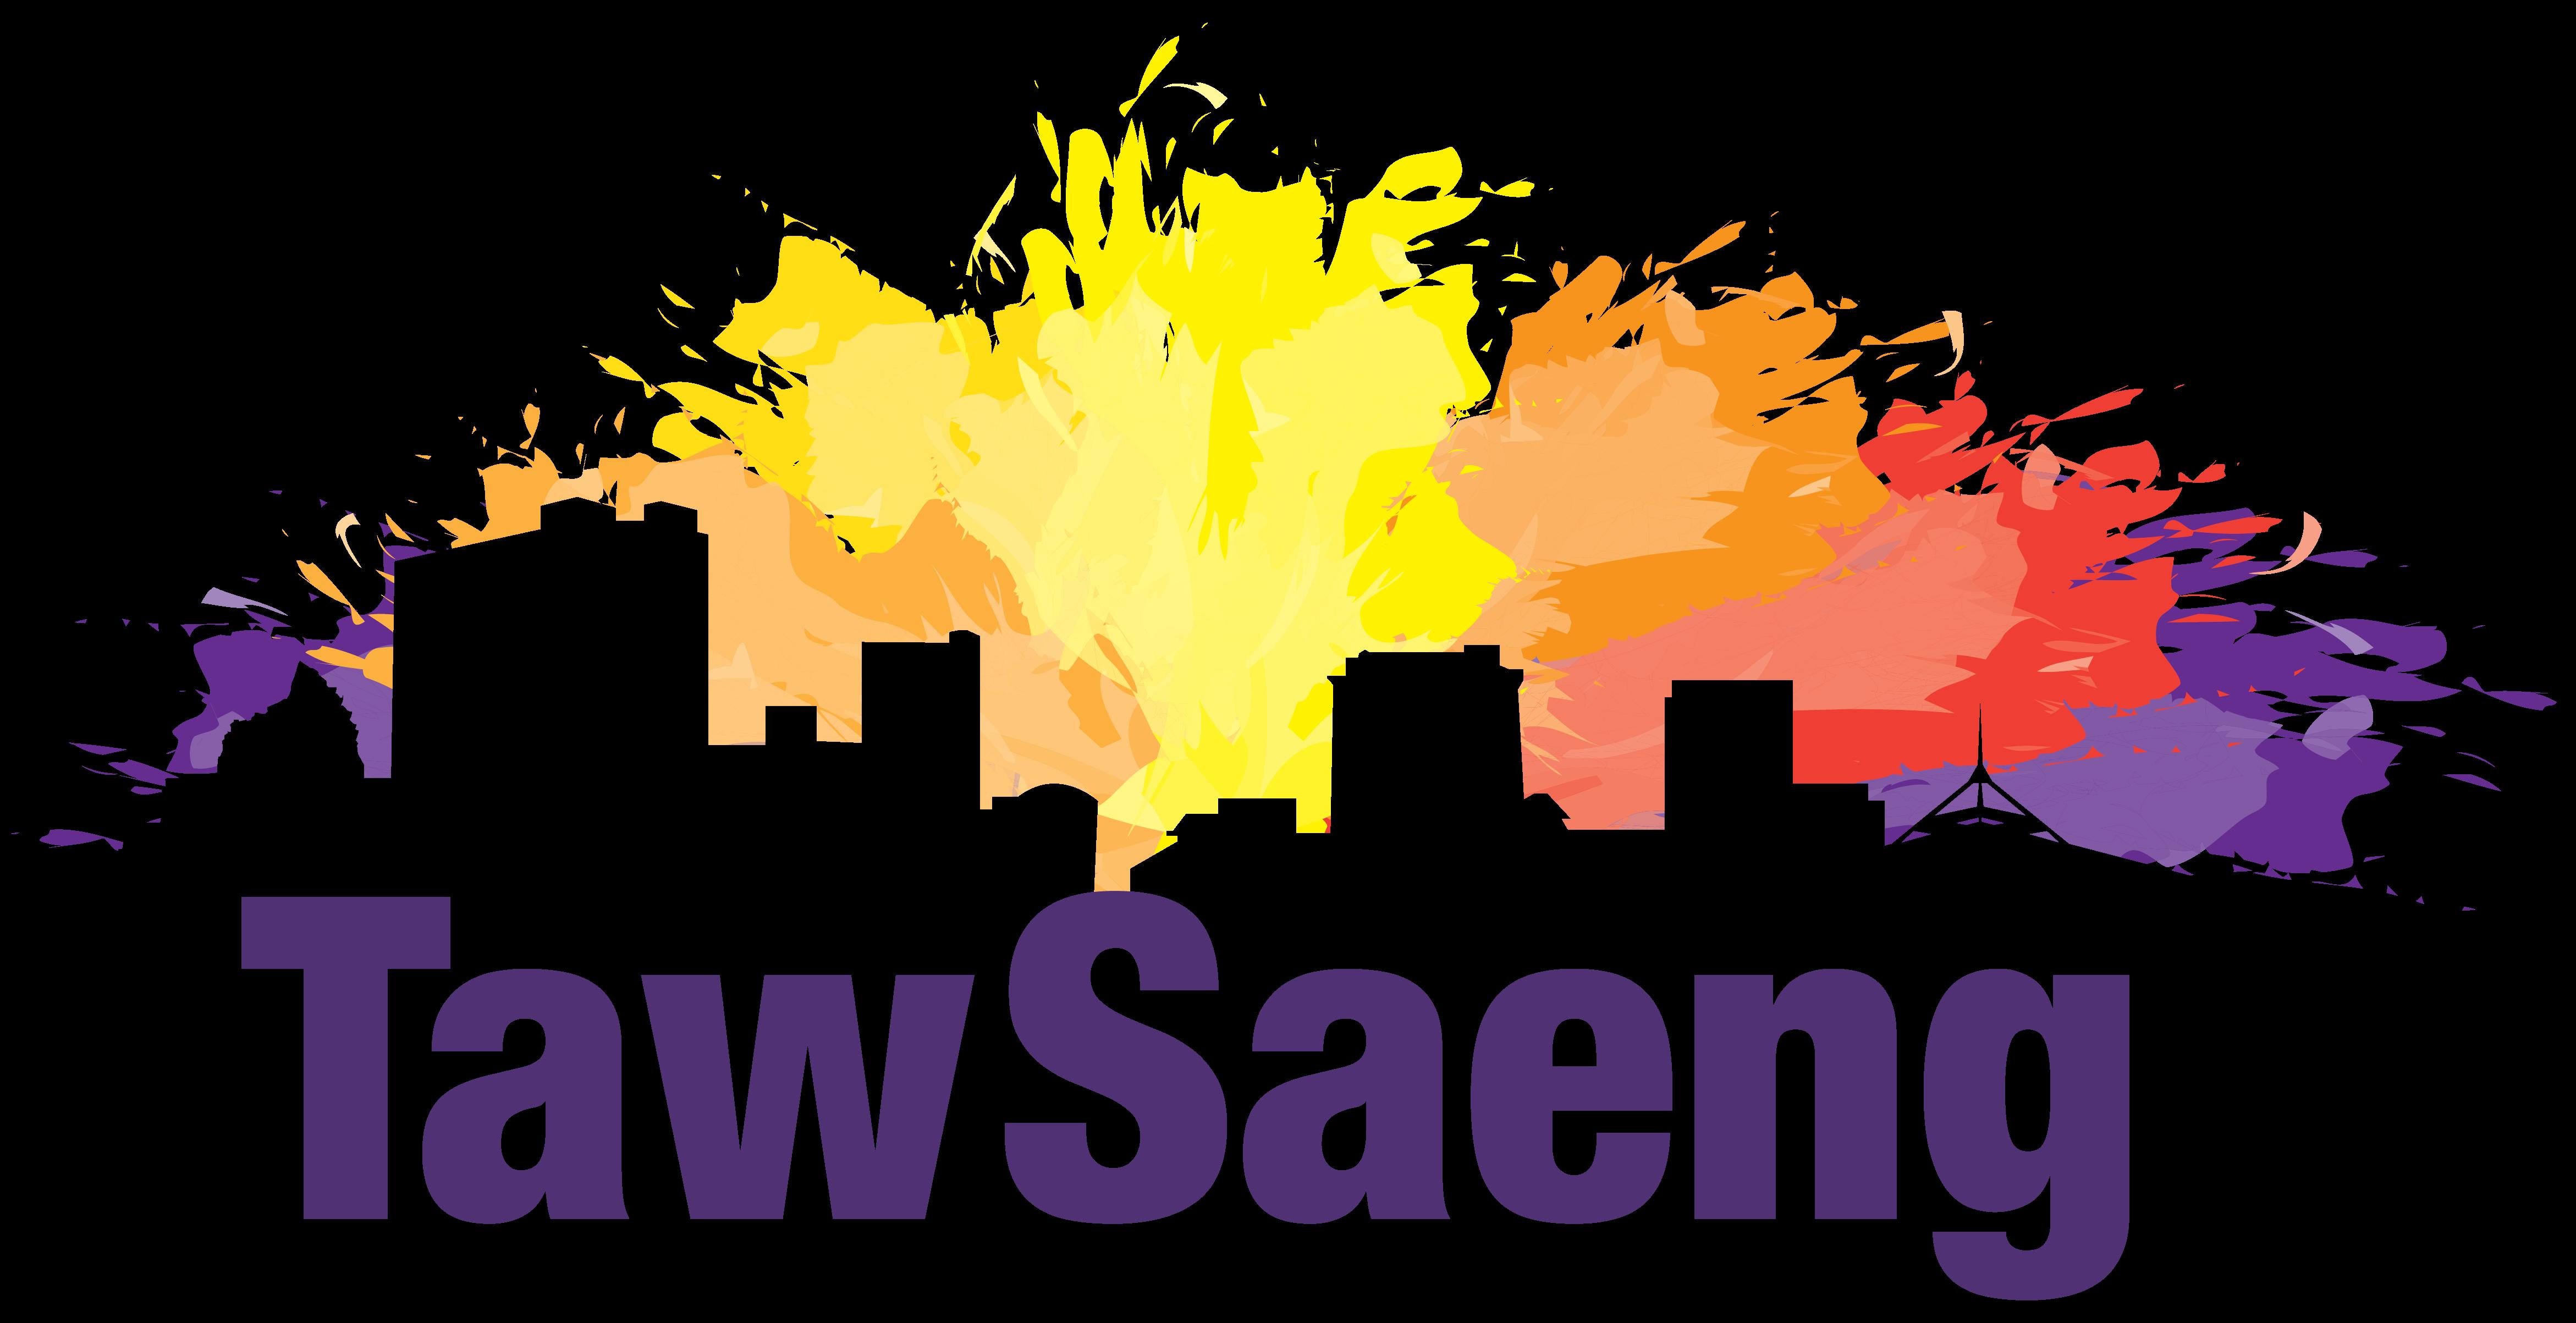 Tawsaeng (brand)-07.png